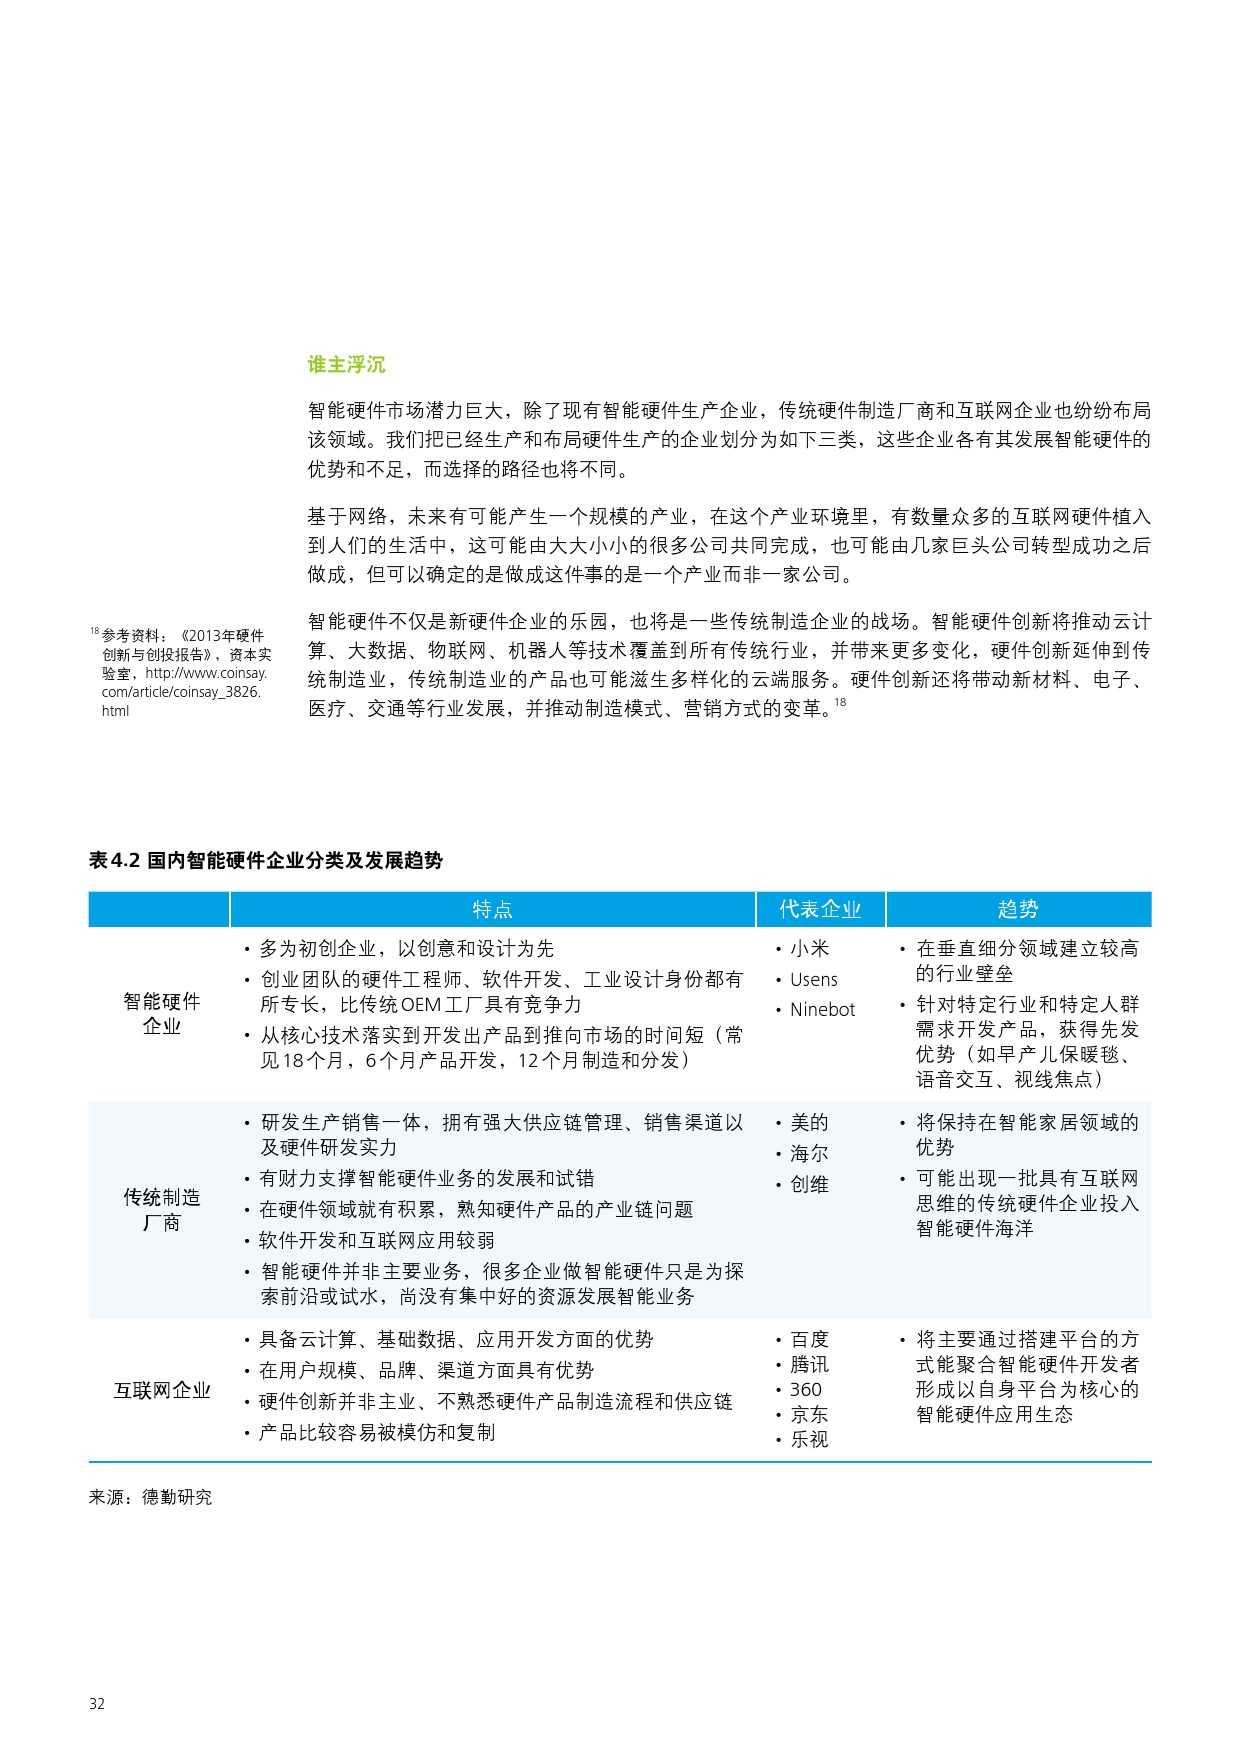 2015年中国制造业企业信息化调查_000034